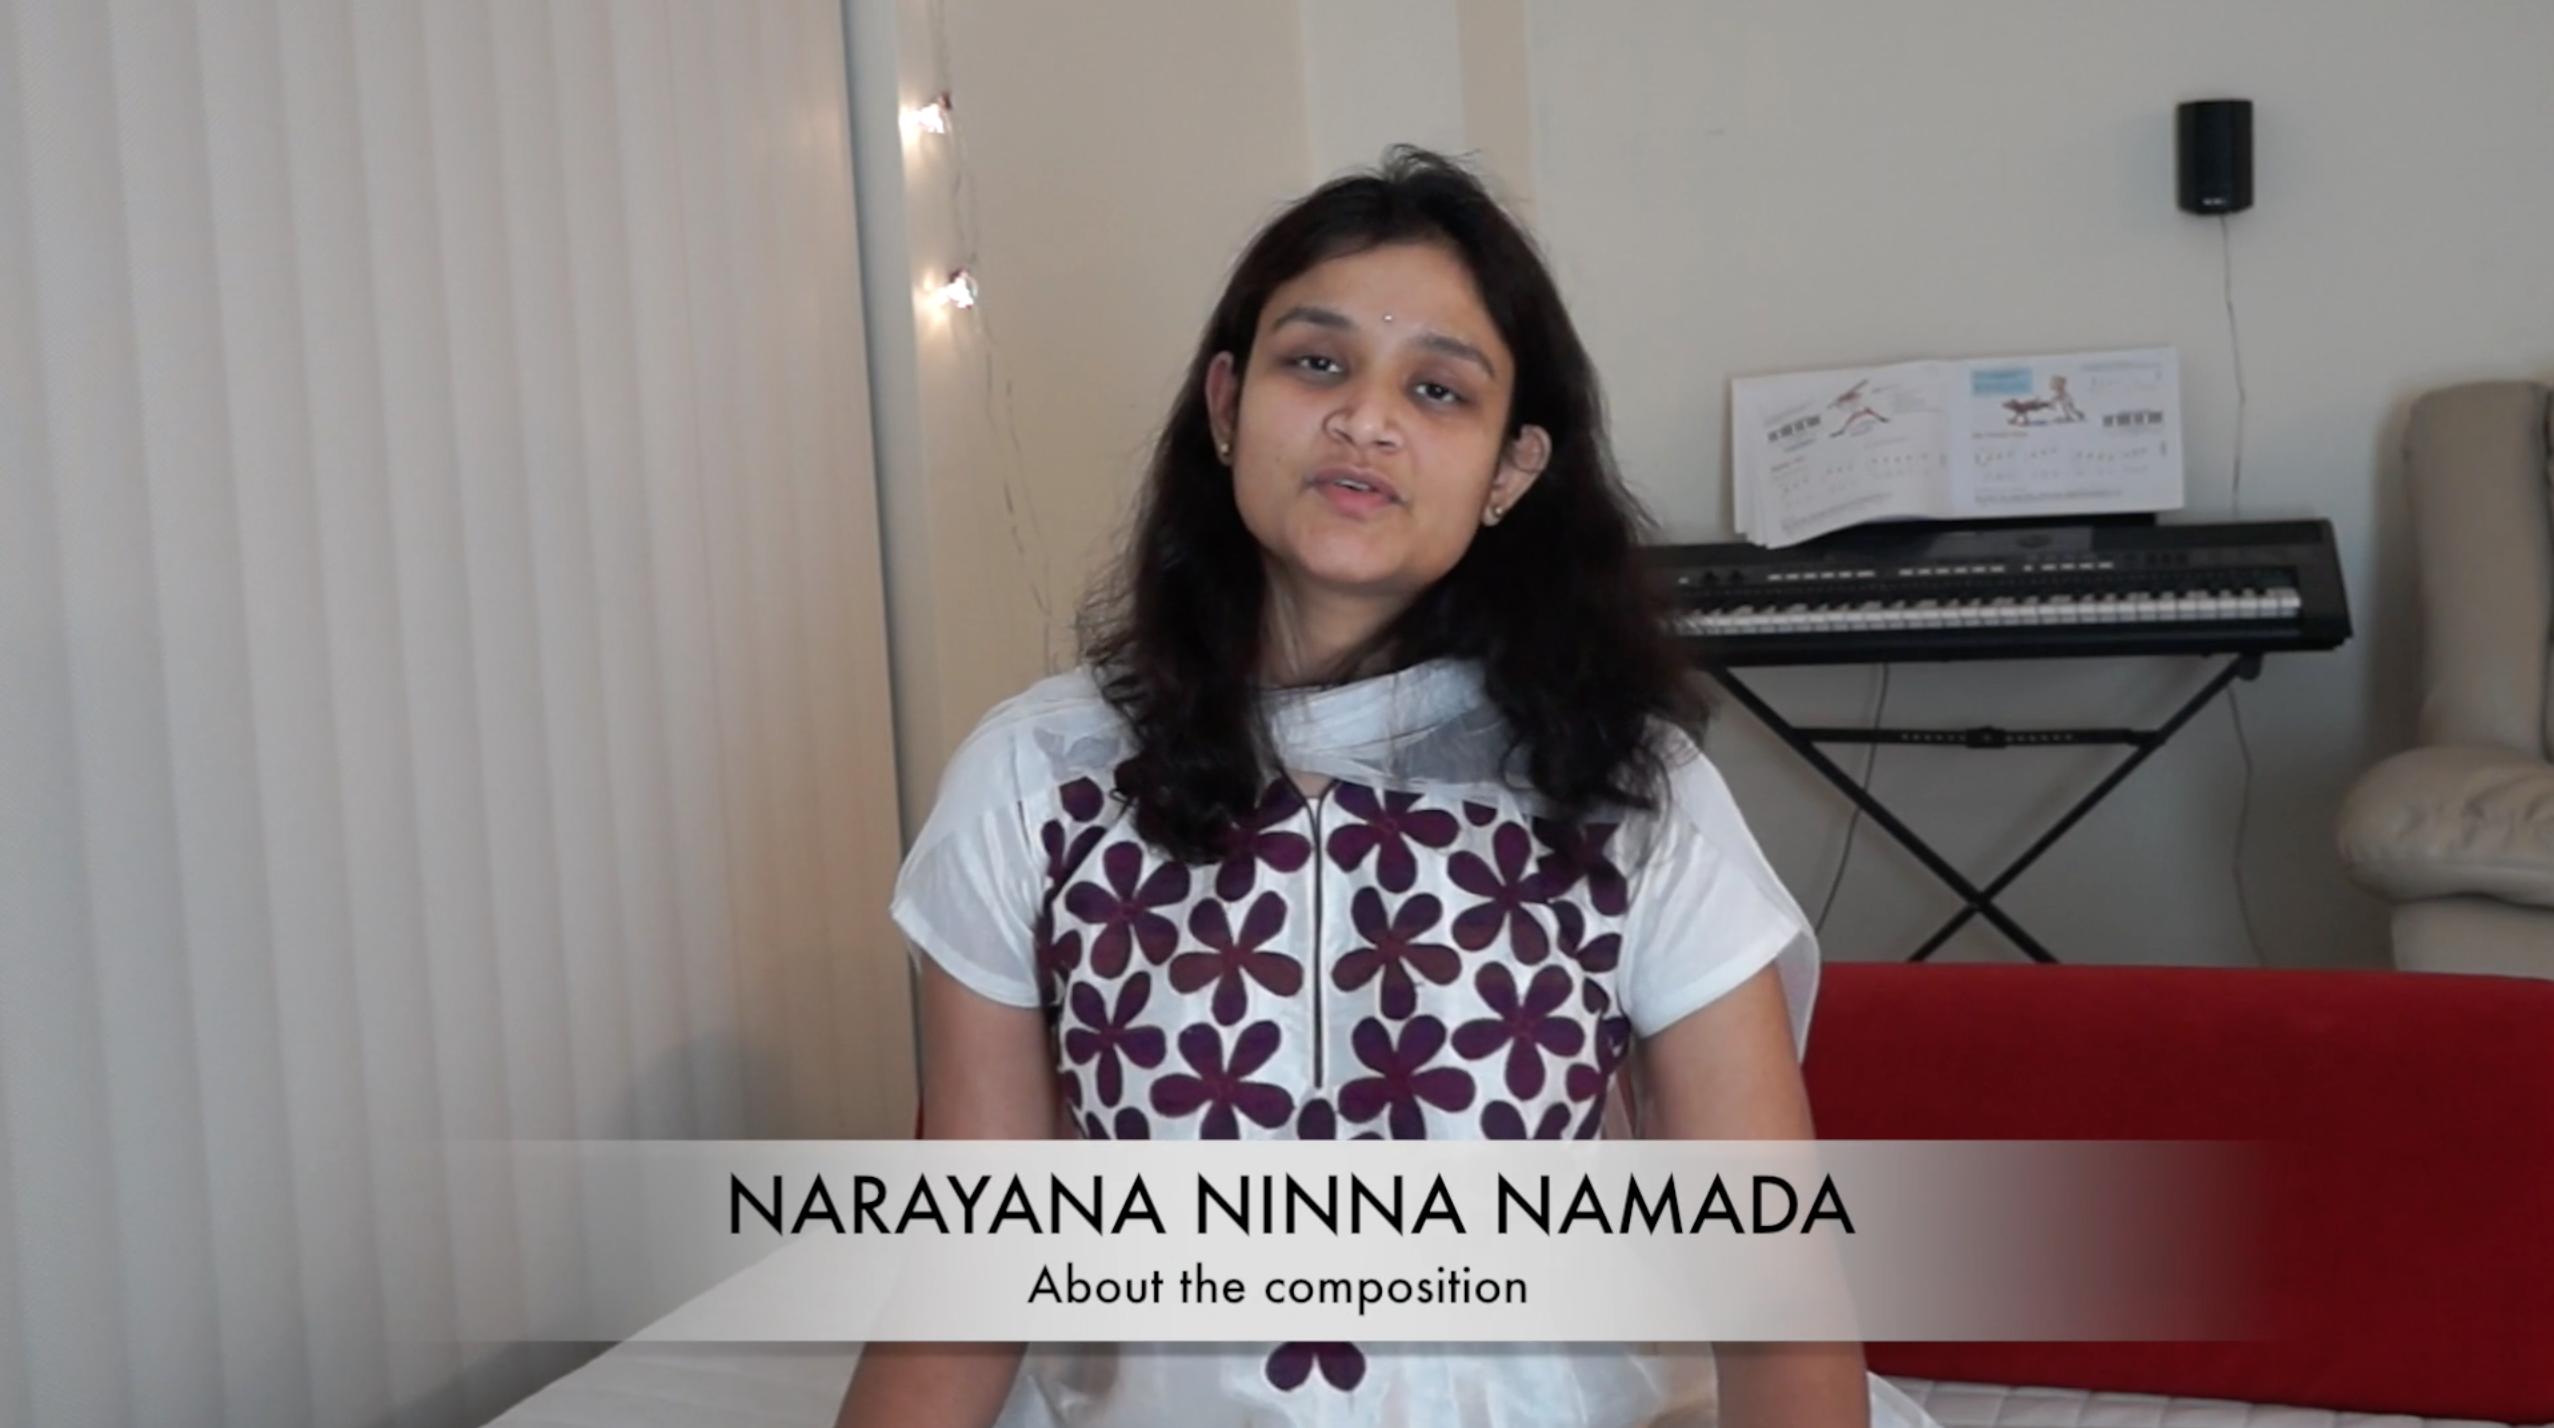 Narayana Ninna